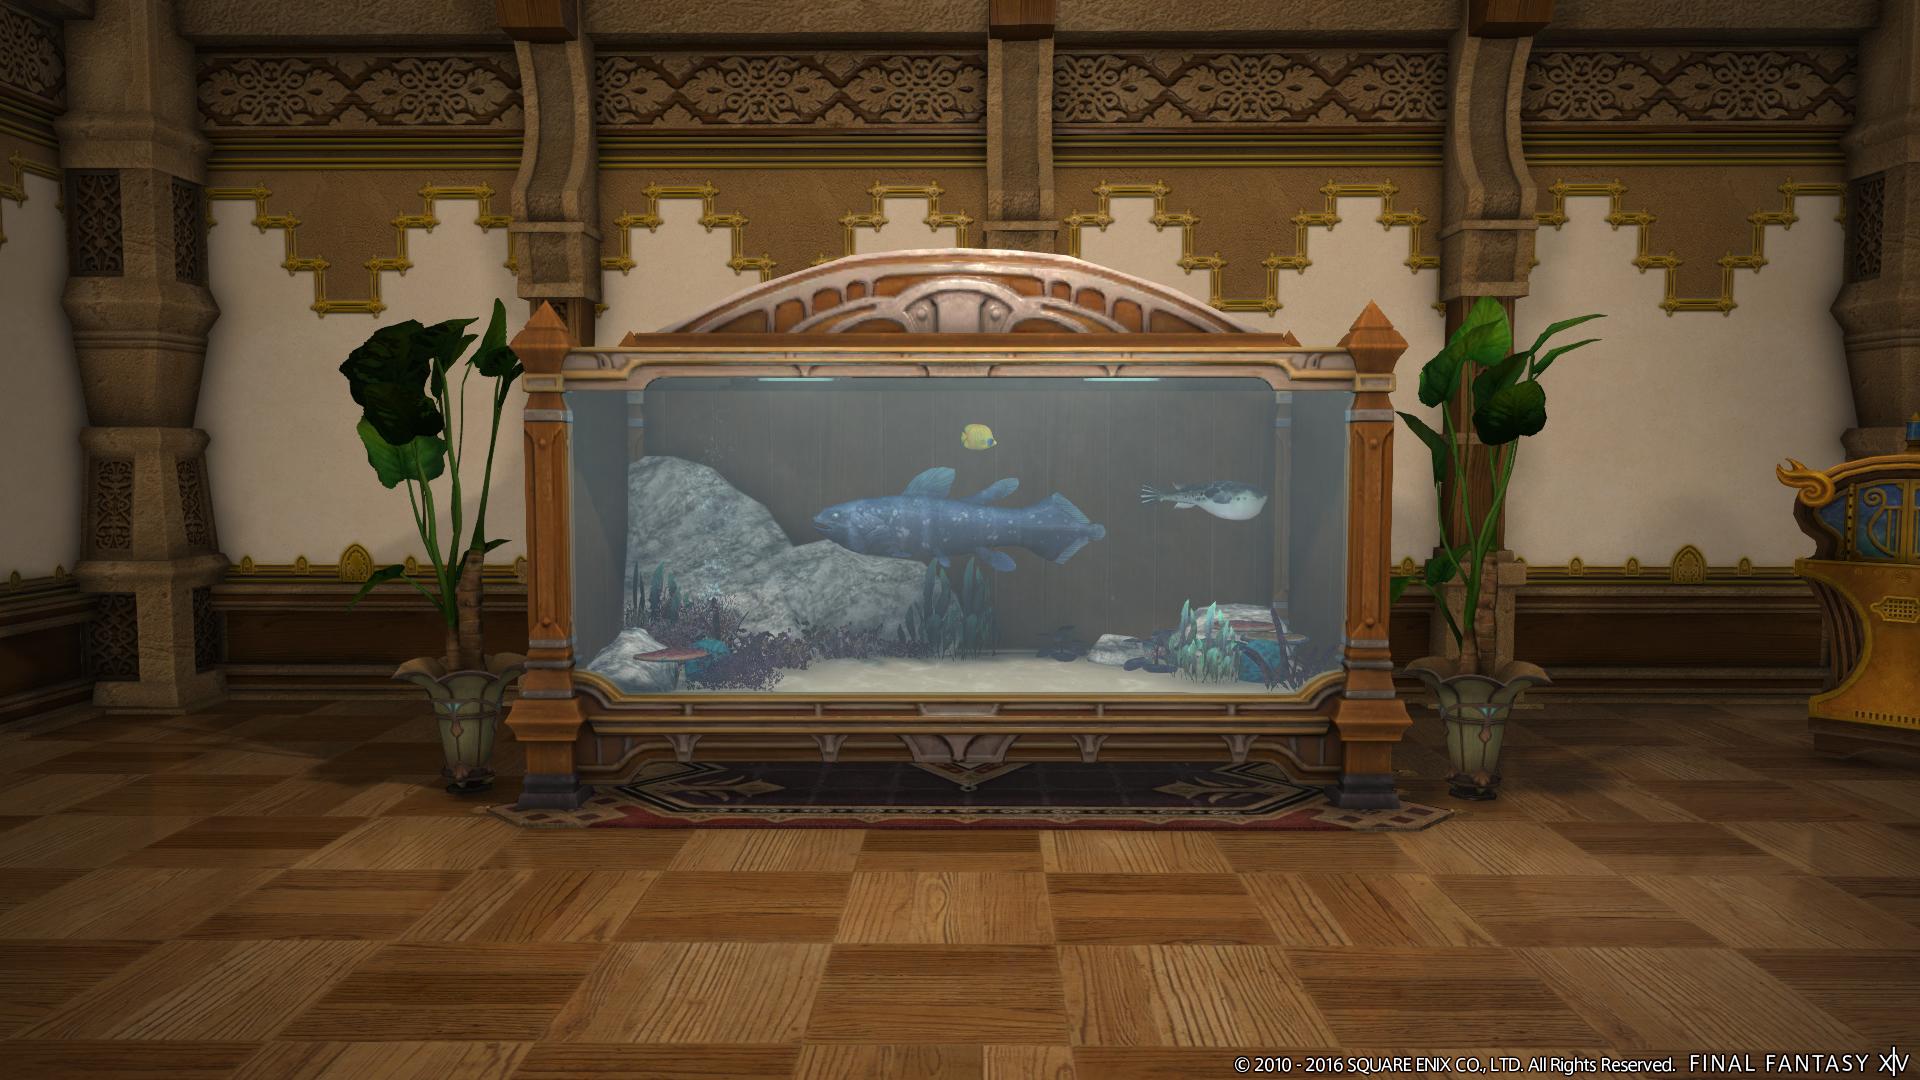 Wallpaper Hd For Living Room New Ffxiv Soul Surrender Images Gamer Escape